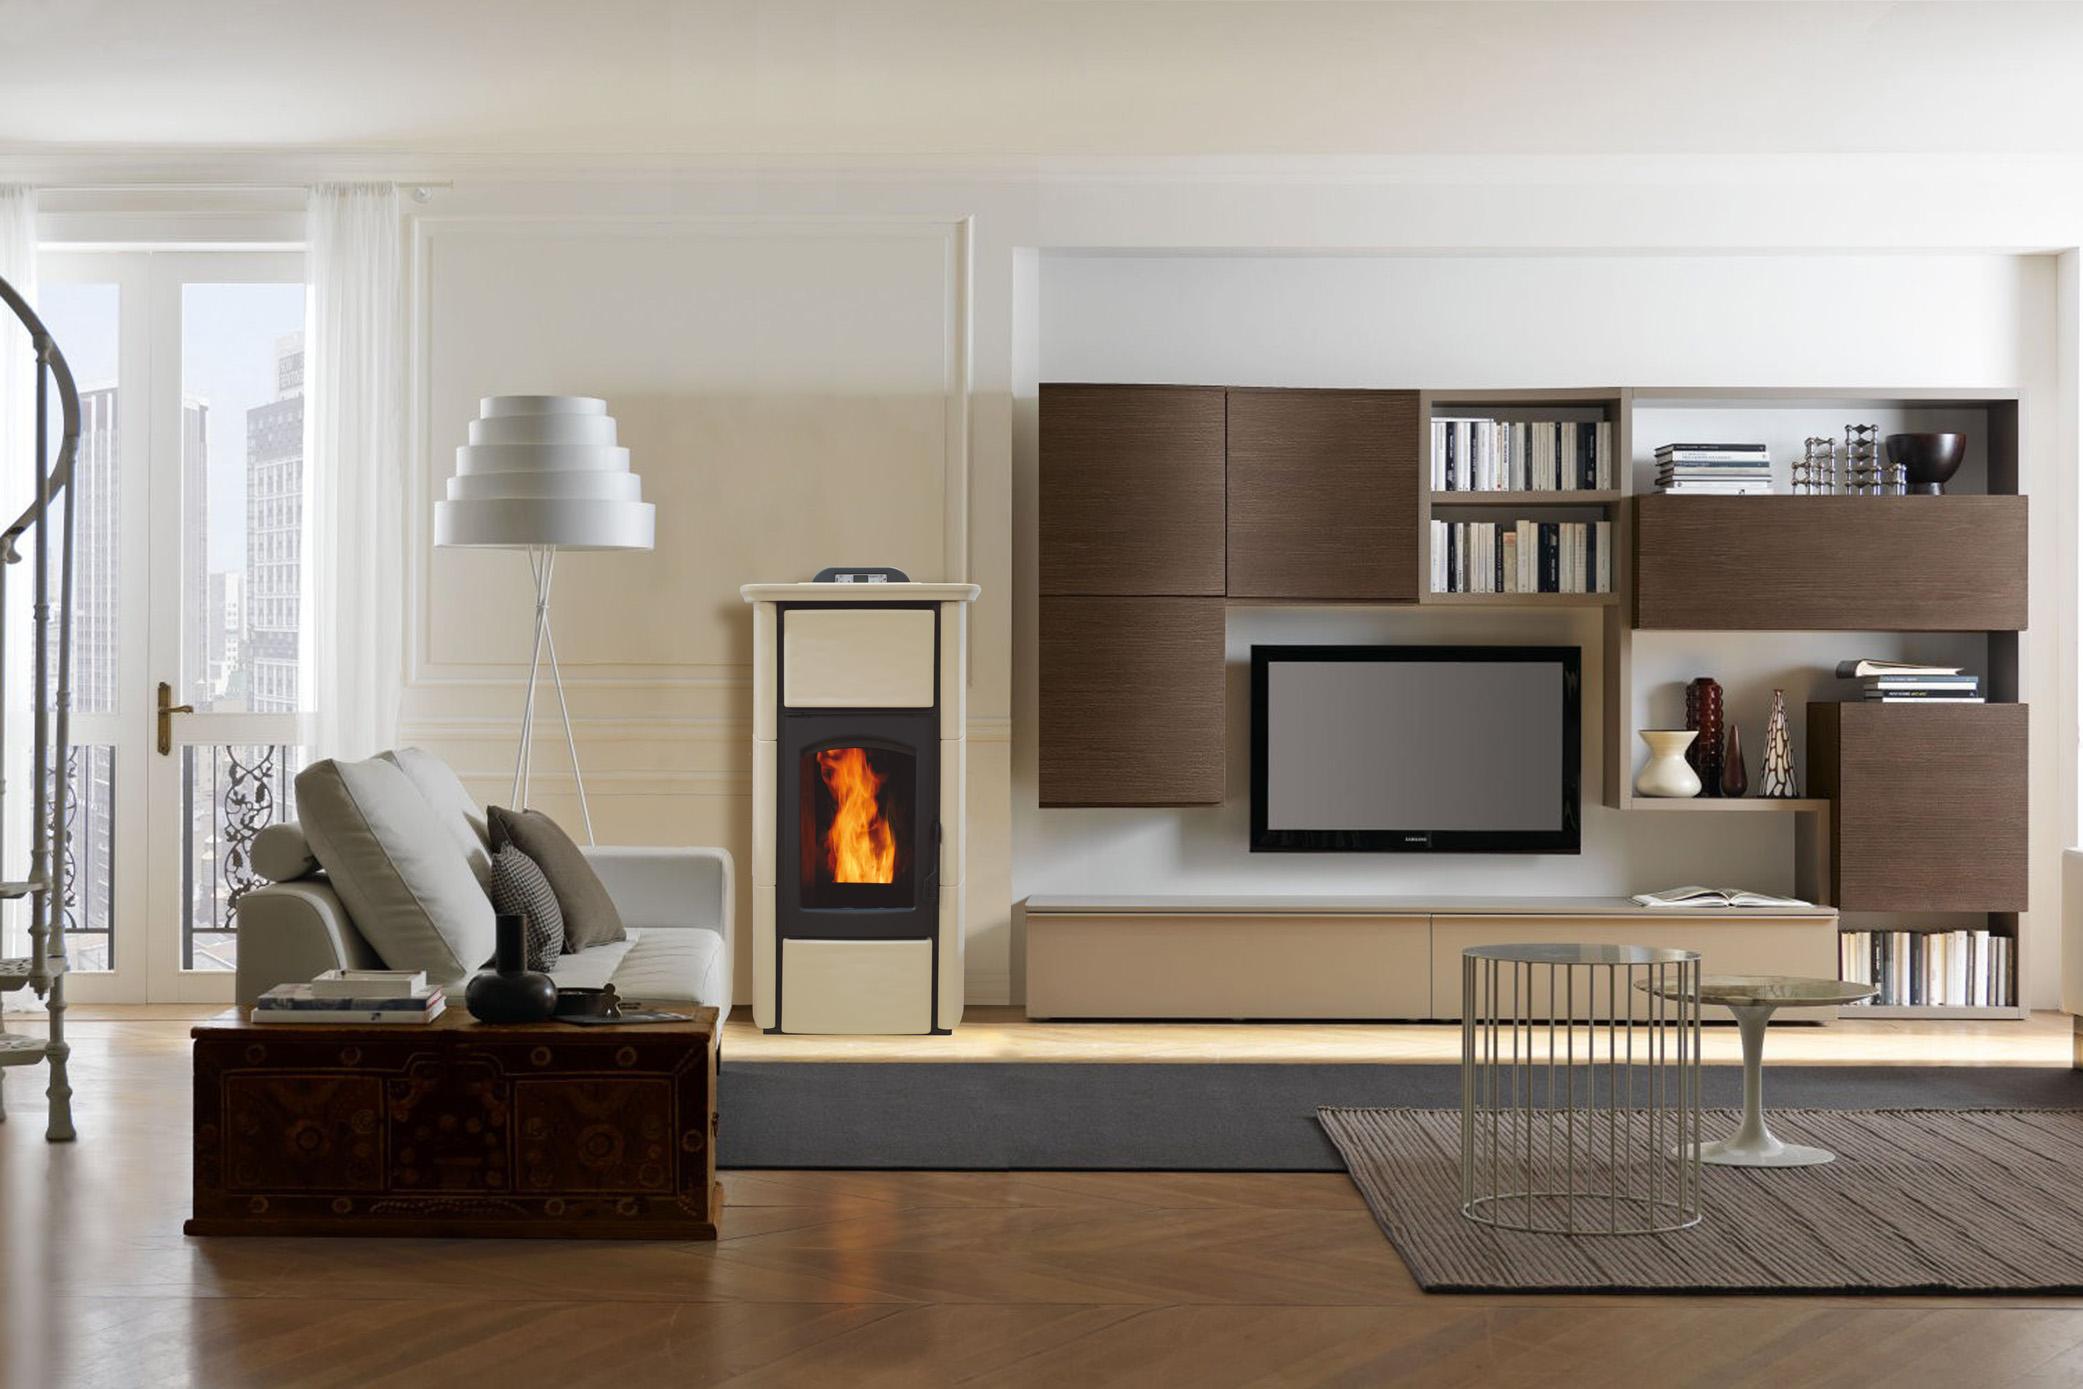 Integrare una stufa nella decorazione di casa 20 idee per - Montaggio stufa a pellet idro ...